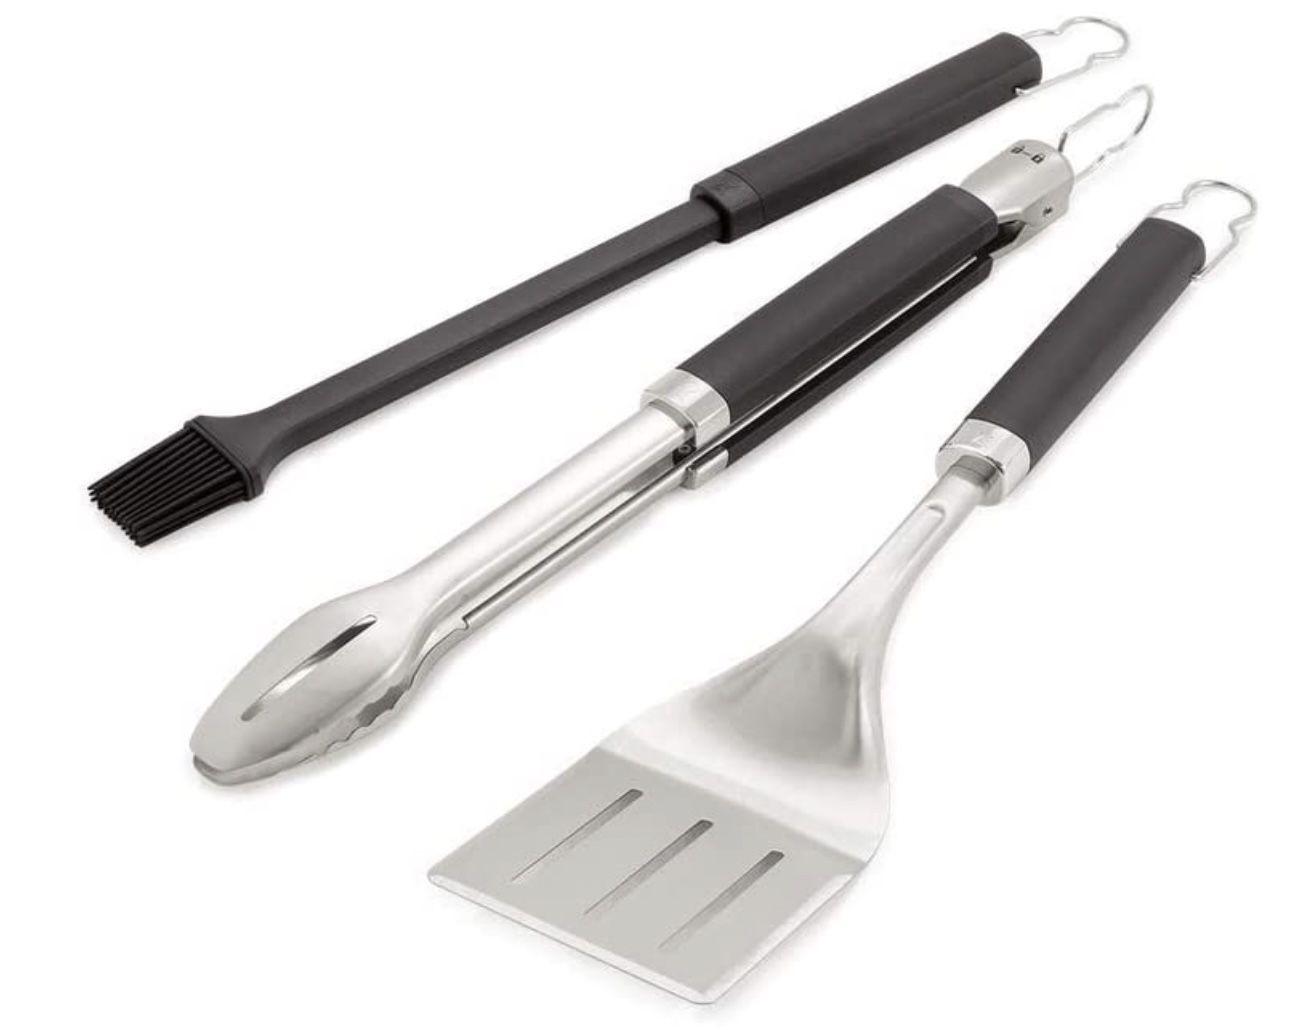 Weber Precision Premium Grillbesteck 3 teilig in Schwarz/Silber für 29,83€ (statt 53€)